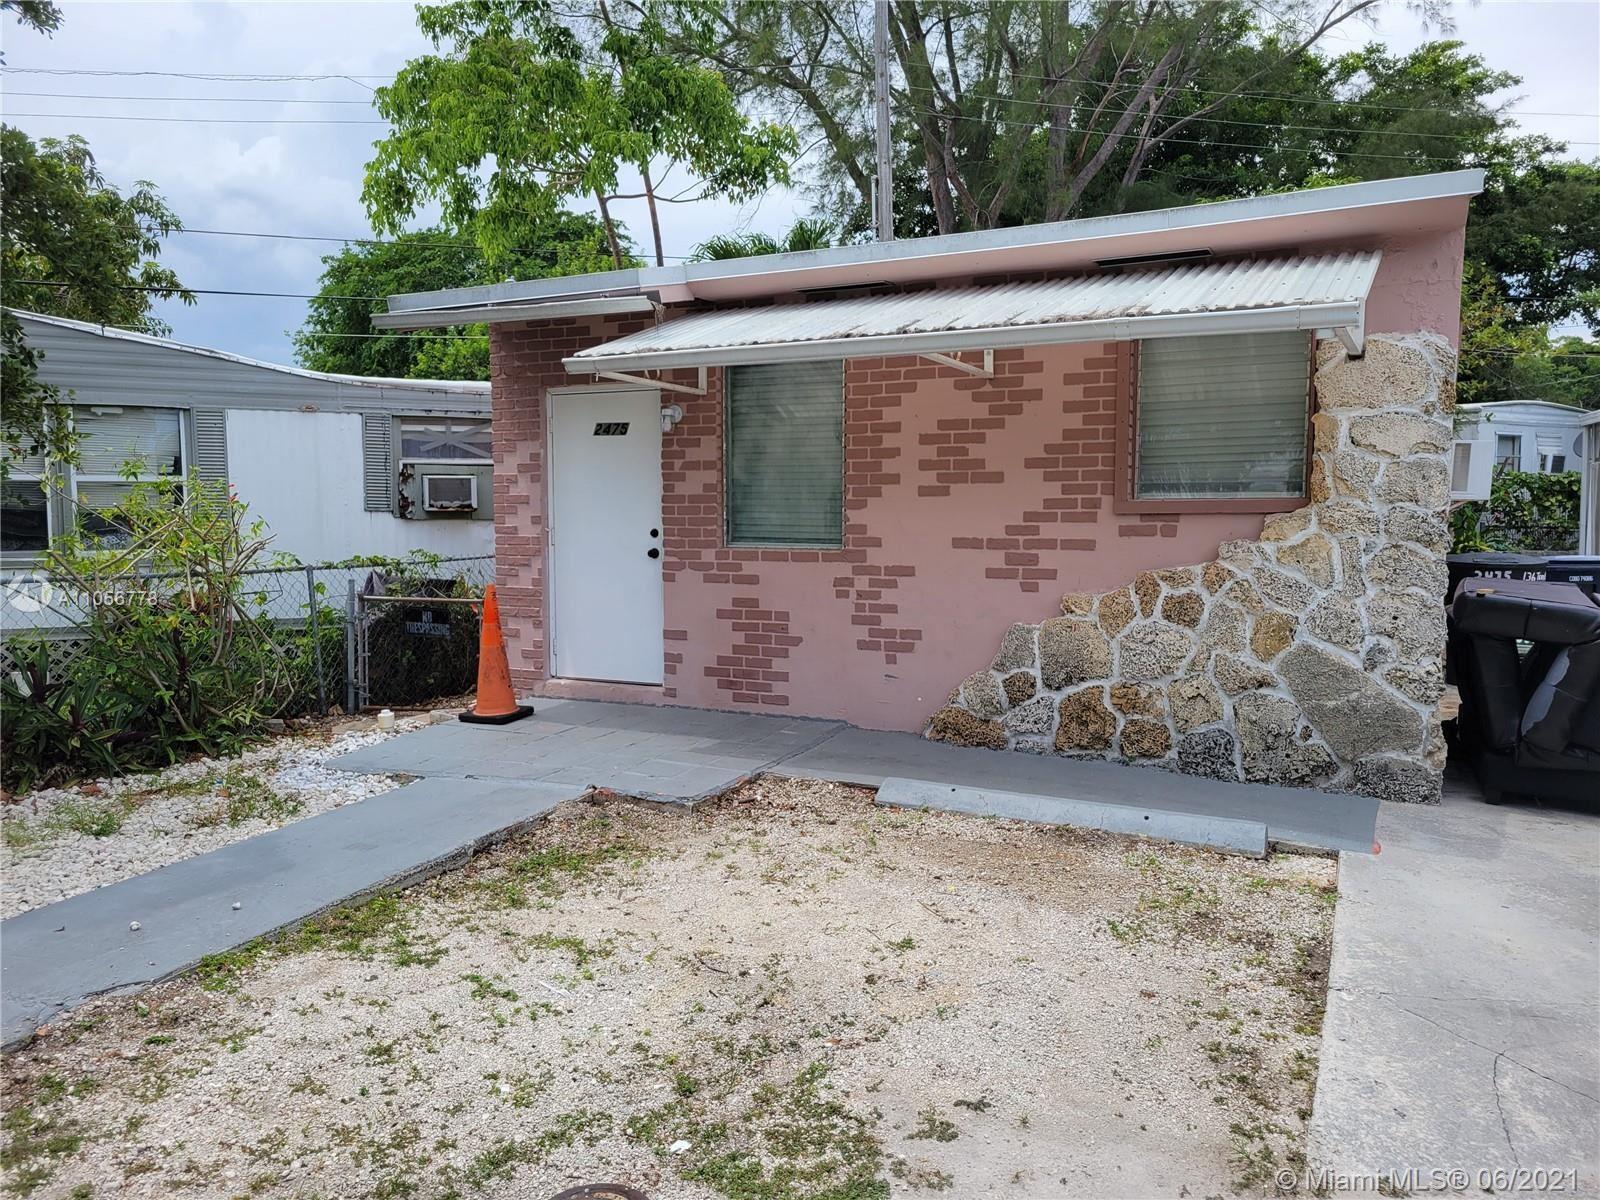 2475 NE 136th Ter, North Miami Beach, FL 33181 - #: A11056778